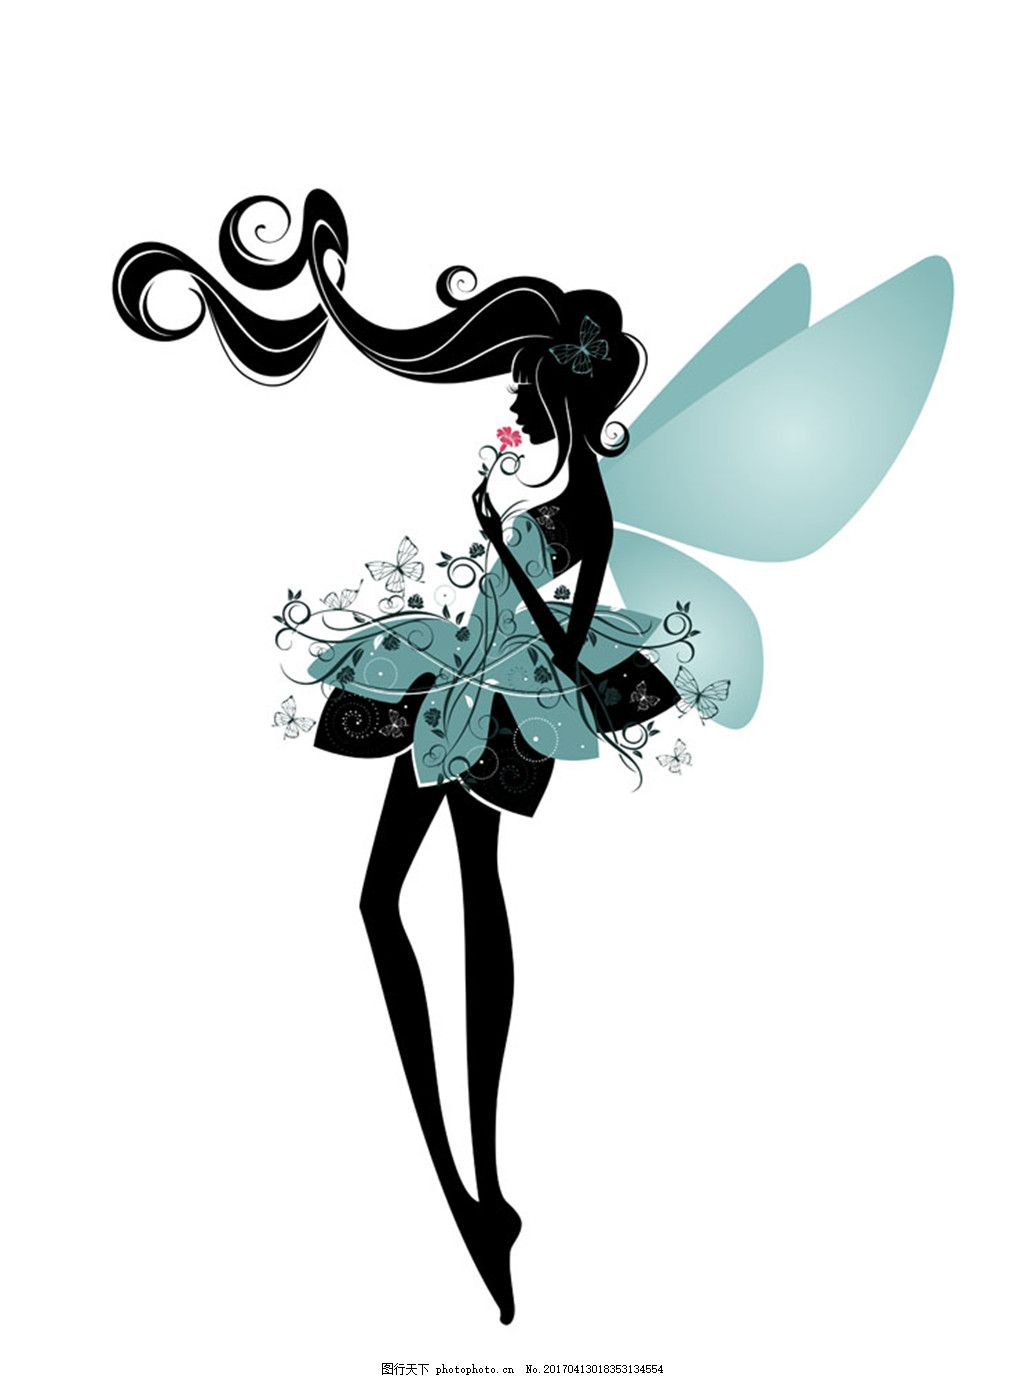 卡通精灵女孩漫画 卡通蝴蝶 卡通女孩 卡通美女 女性插画 卡通女人